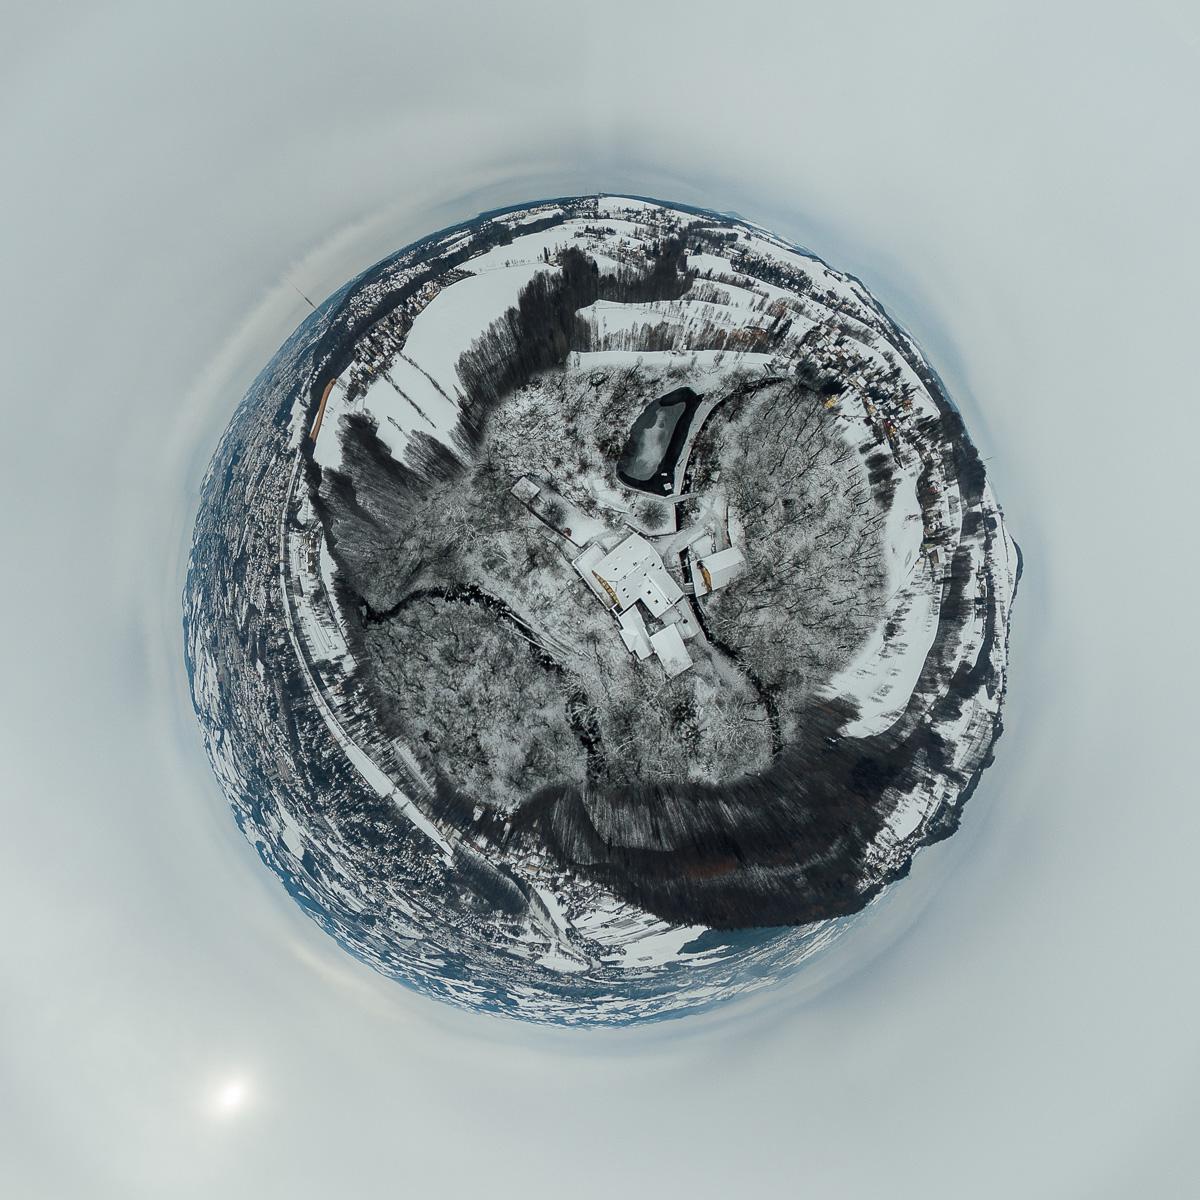 Ein 360 Grad Panorama, umgeformt zu einem kleinen Planeten, einem little Planet